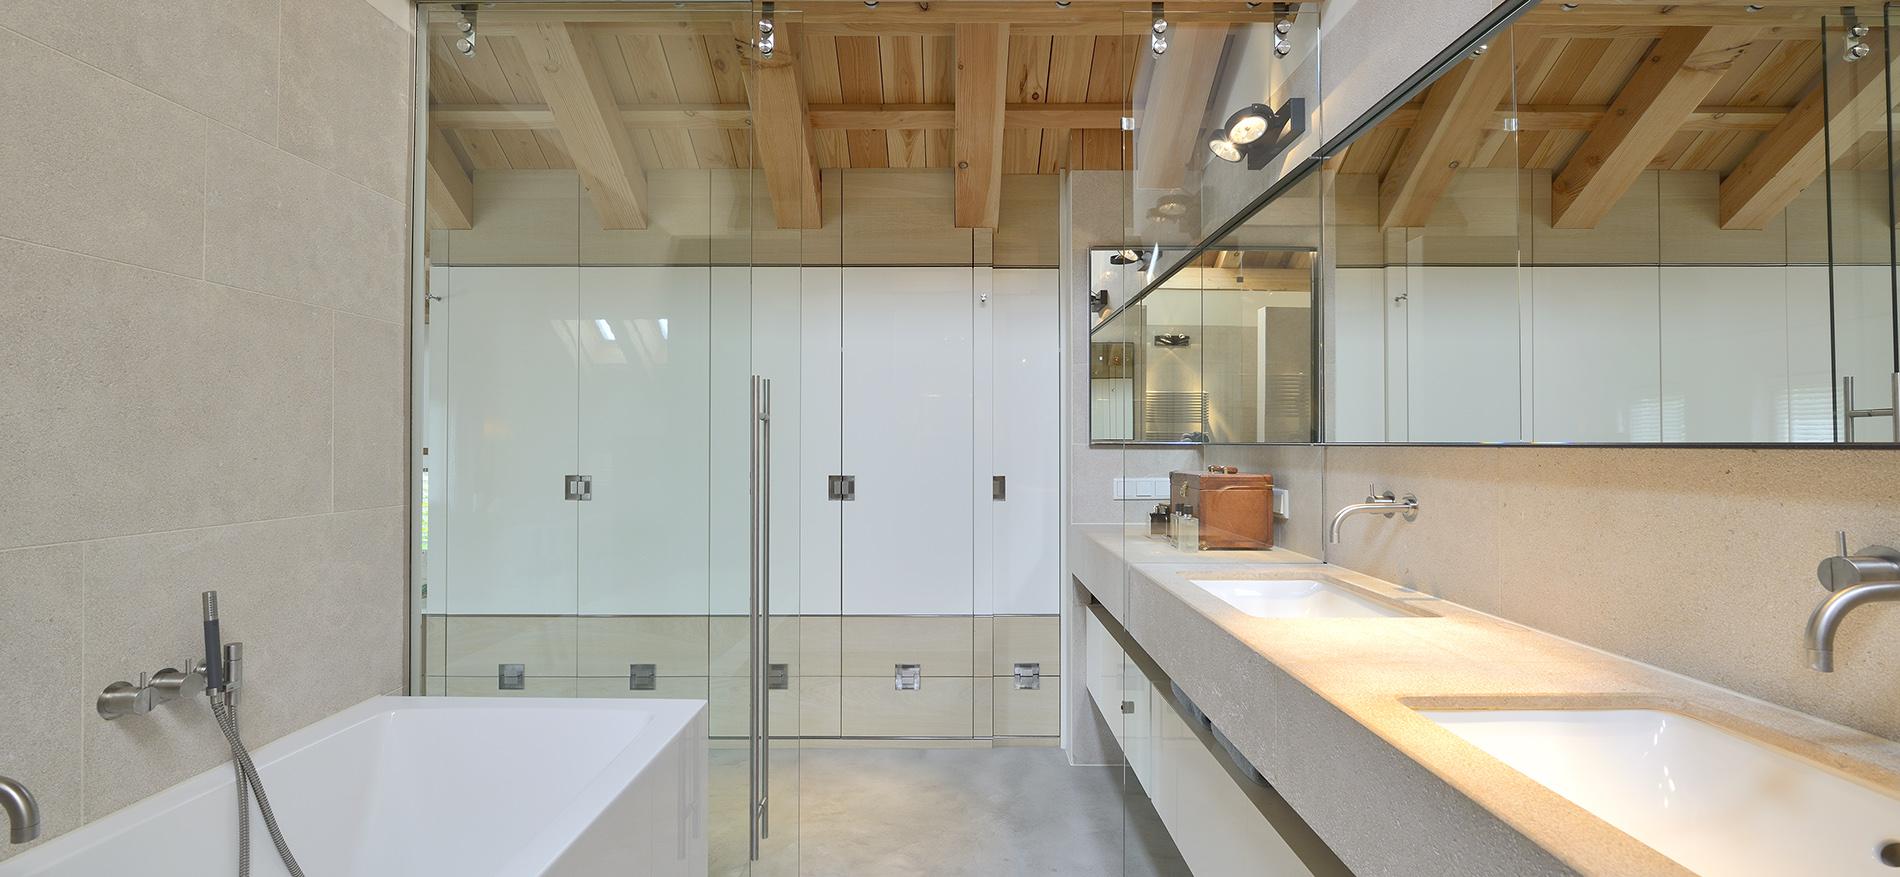 Tevreden opdrachtgever luxe villa leusden luxe maatwerkinrichting landhuis - Deco interieur eigentijds ...